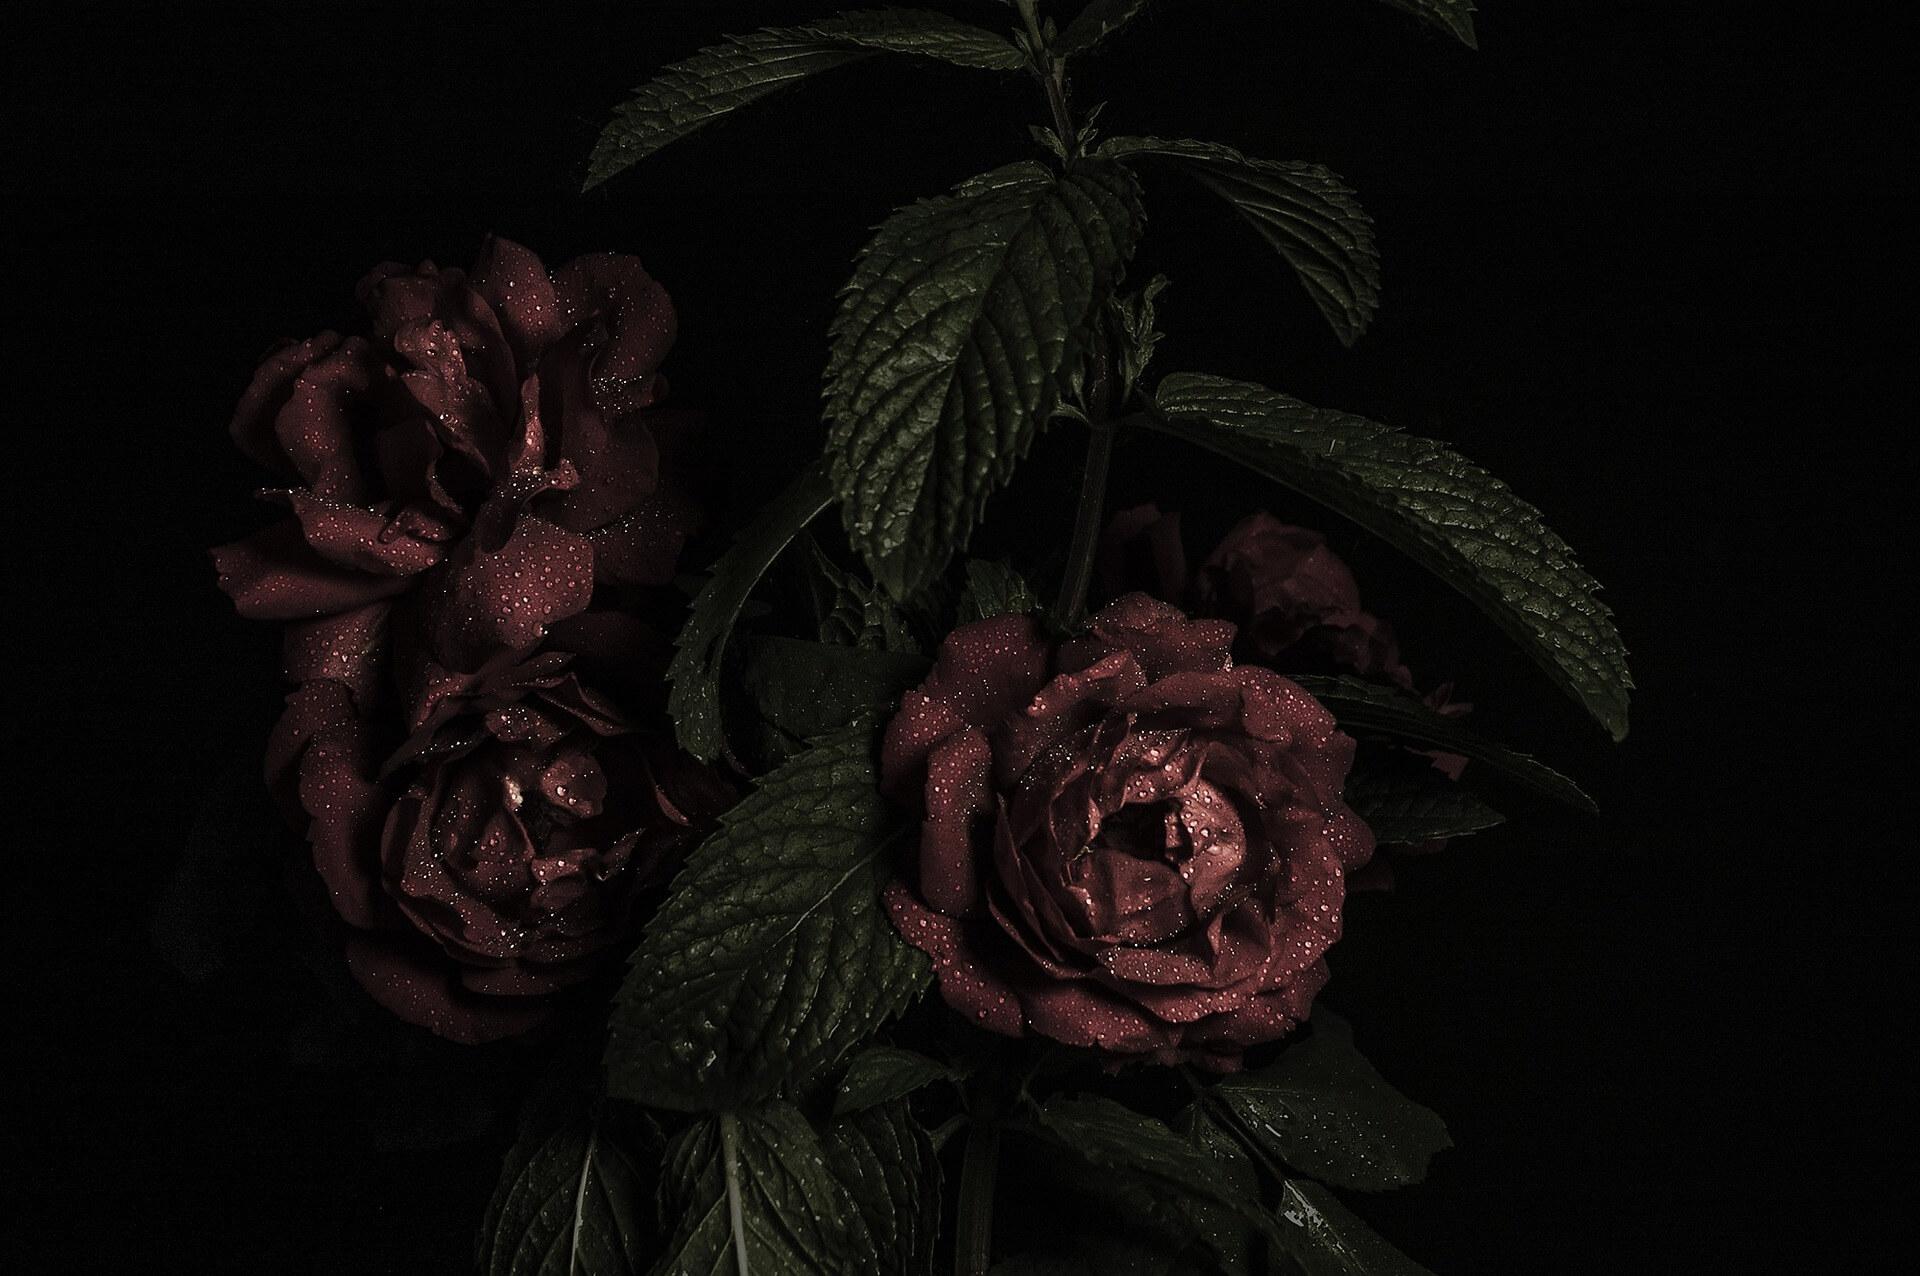 Foto de 3 rosas rojas en blanco y negro con el fondo negro